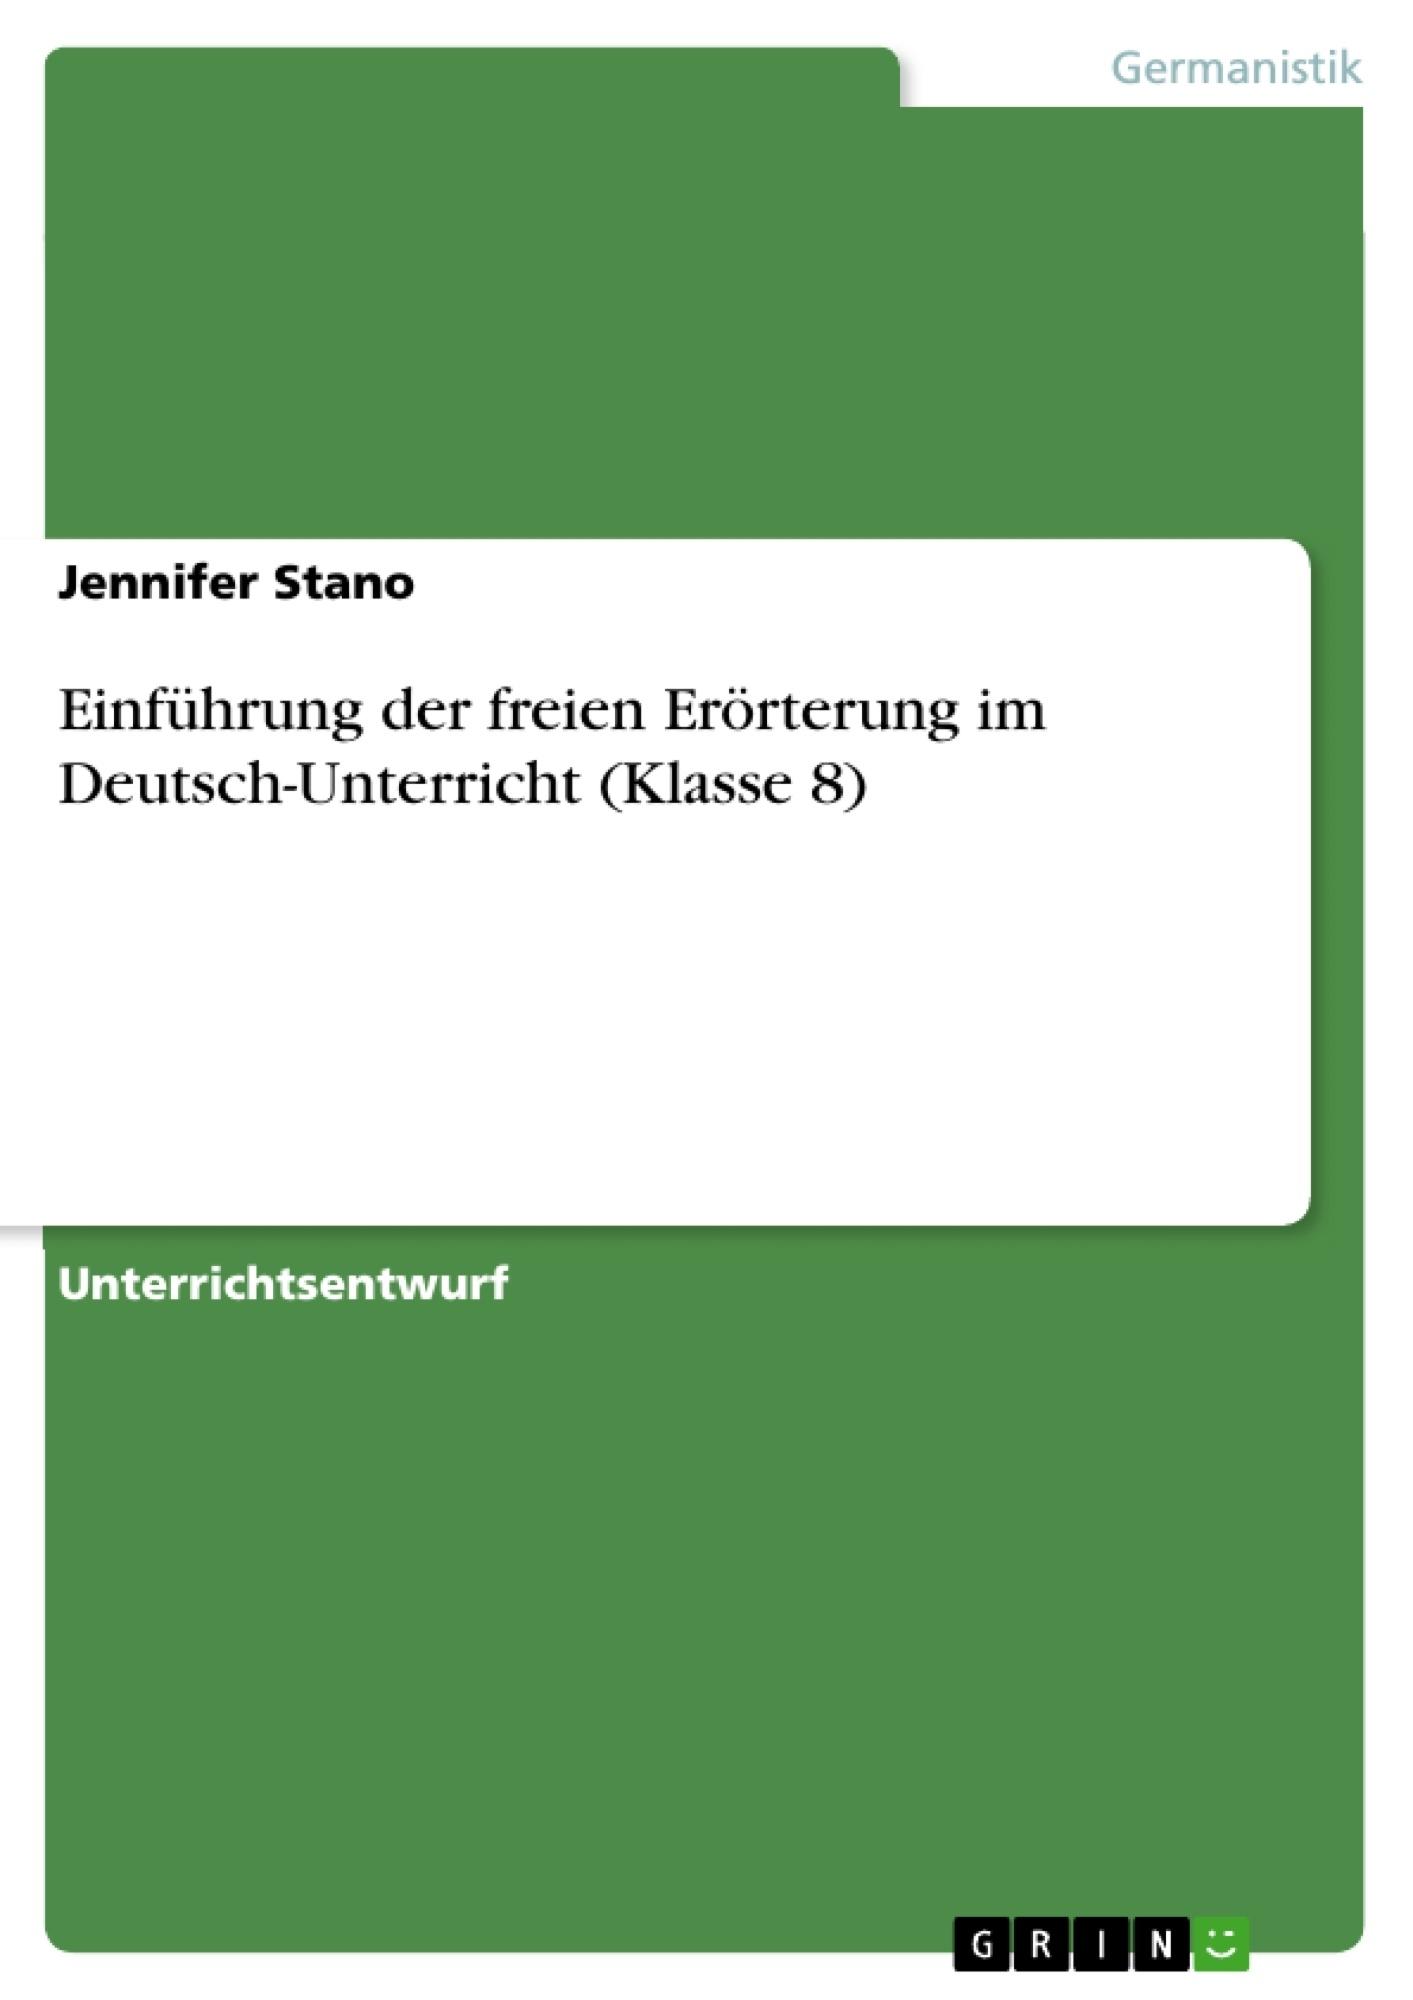 Titel: Einführung der freien Erörterung im Deutsch-Unterricht (Klasse 8)